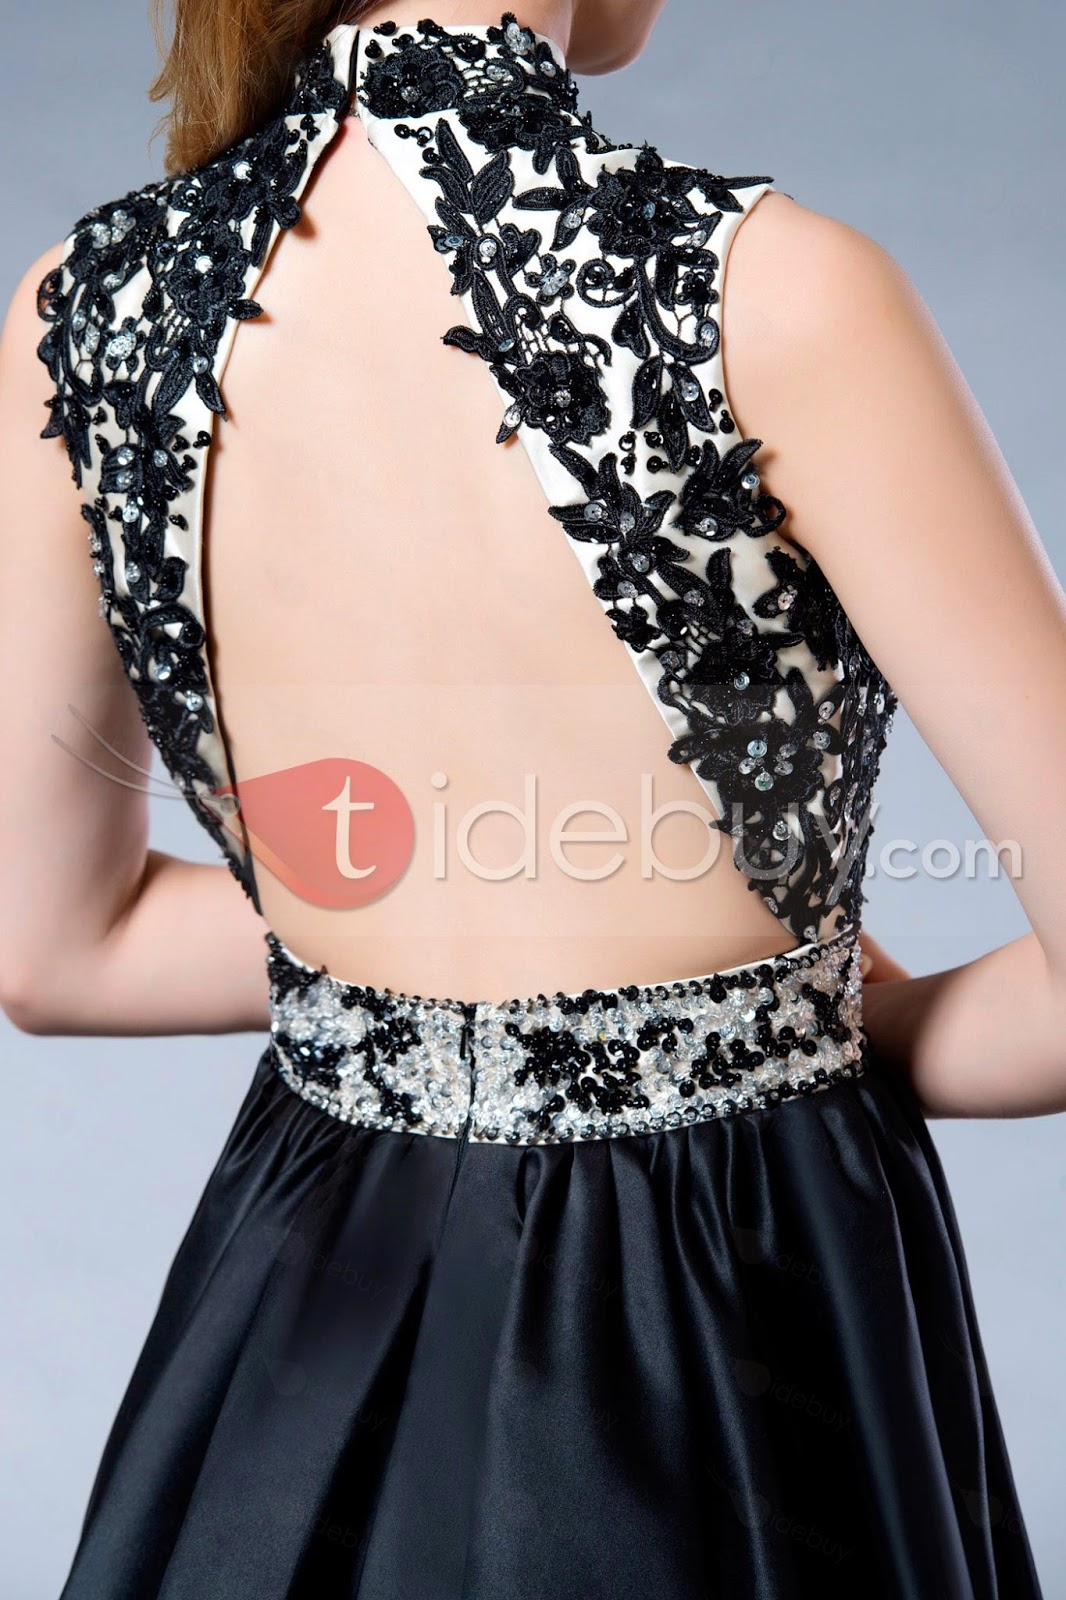 http://es.tidebuy.com/producto/Vestido-de-Dama-de-Honor-con-Silueta-L%C3%ADnea-A-Sin-Espalda-Largo-Mini-10792769.html